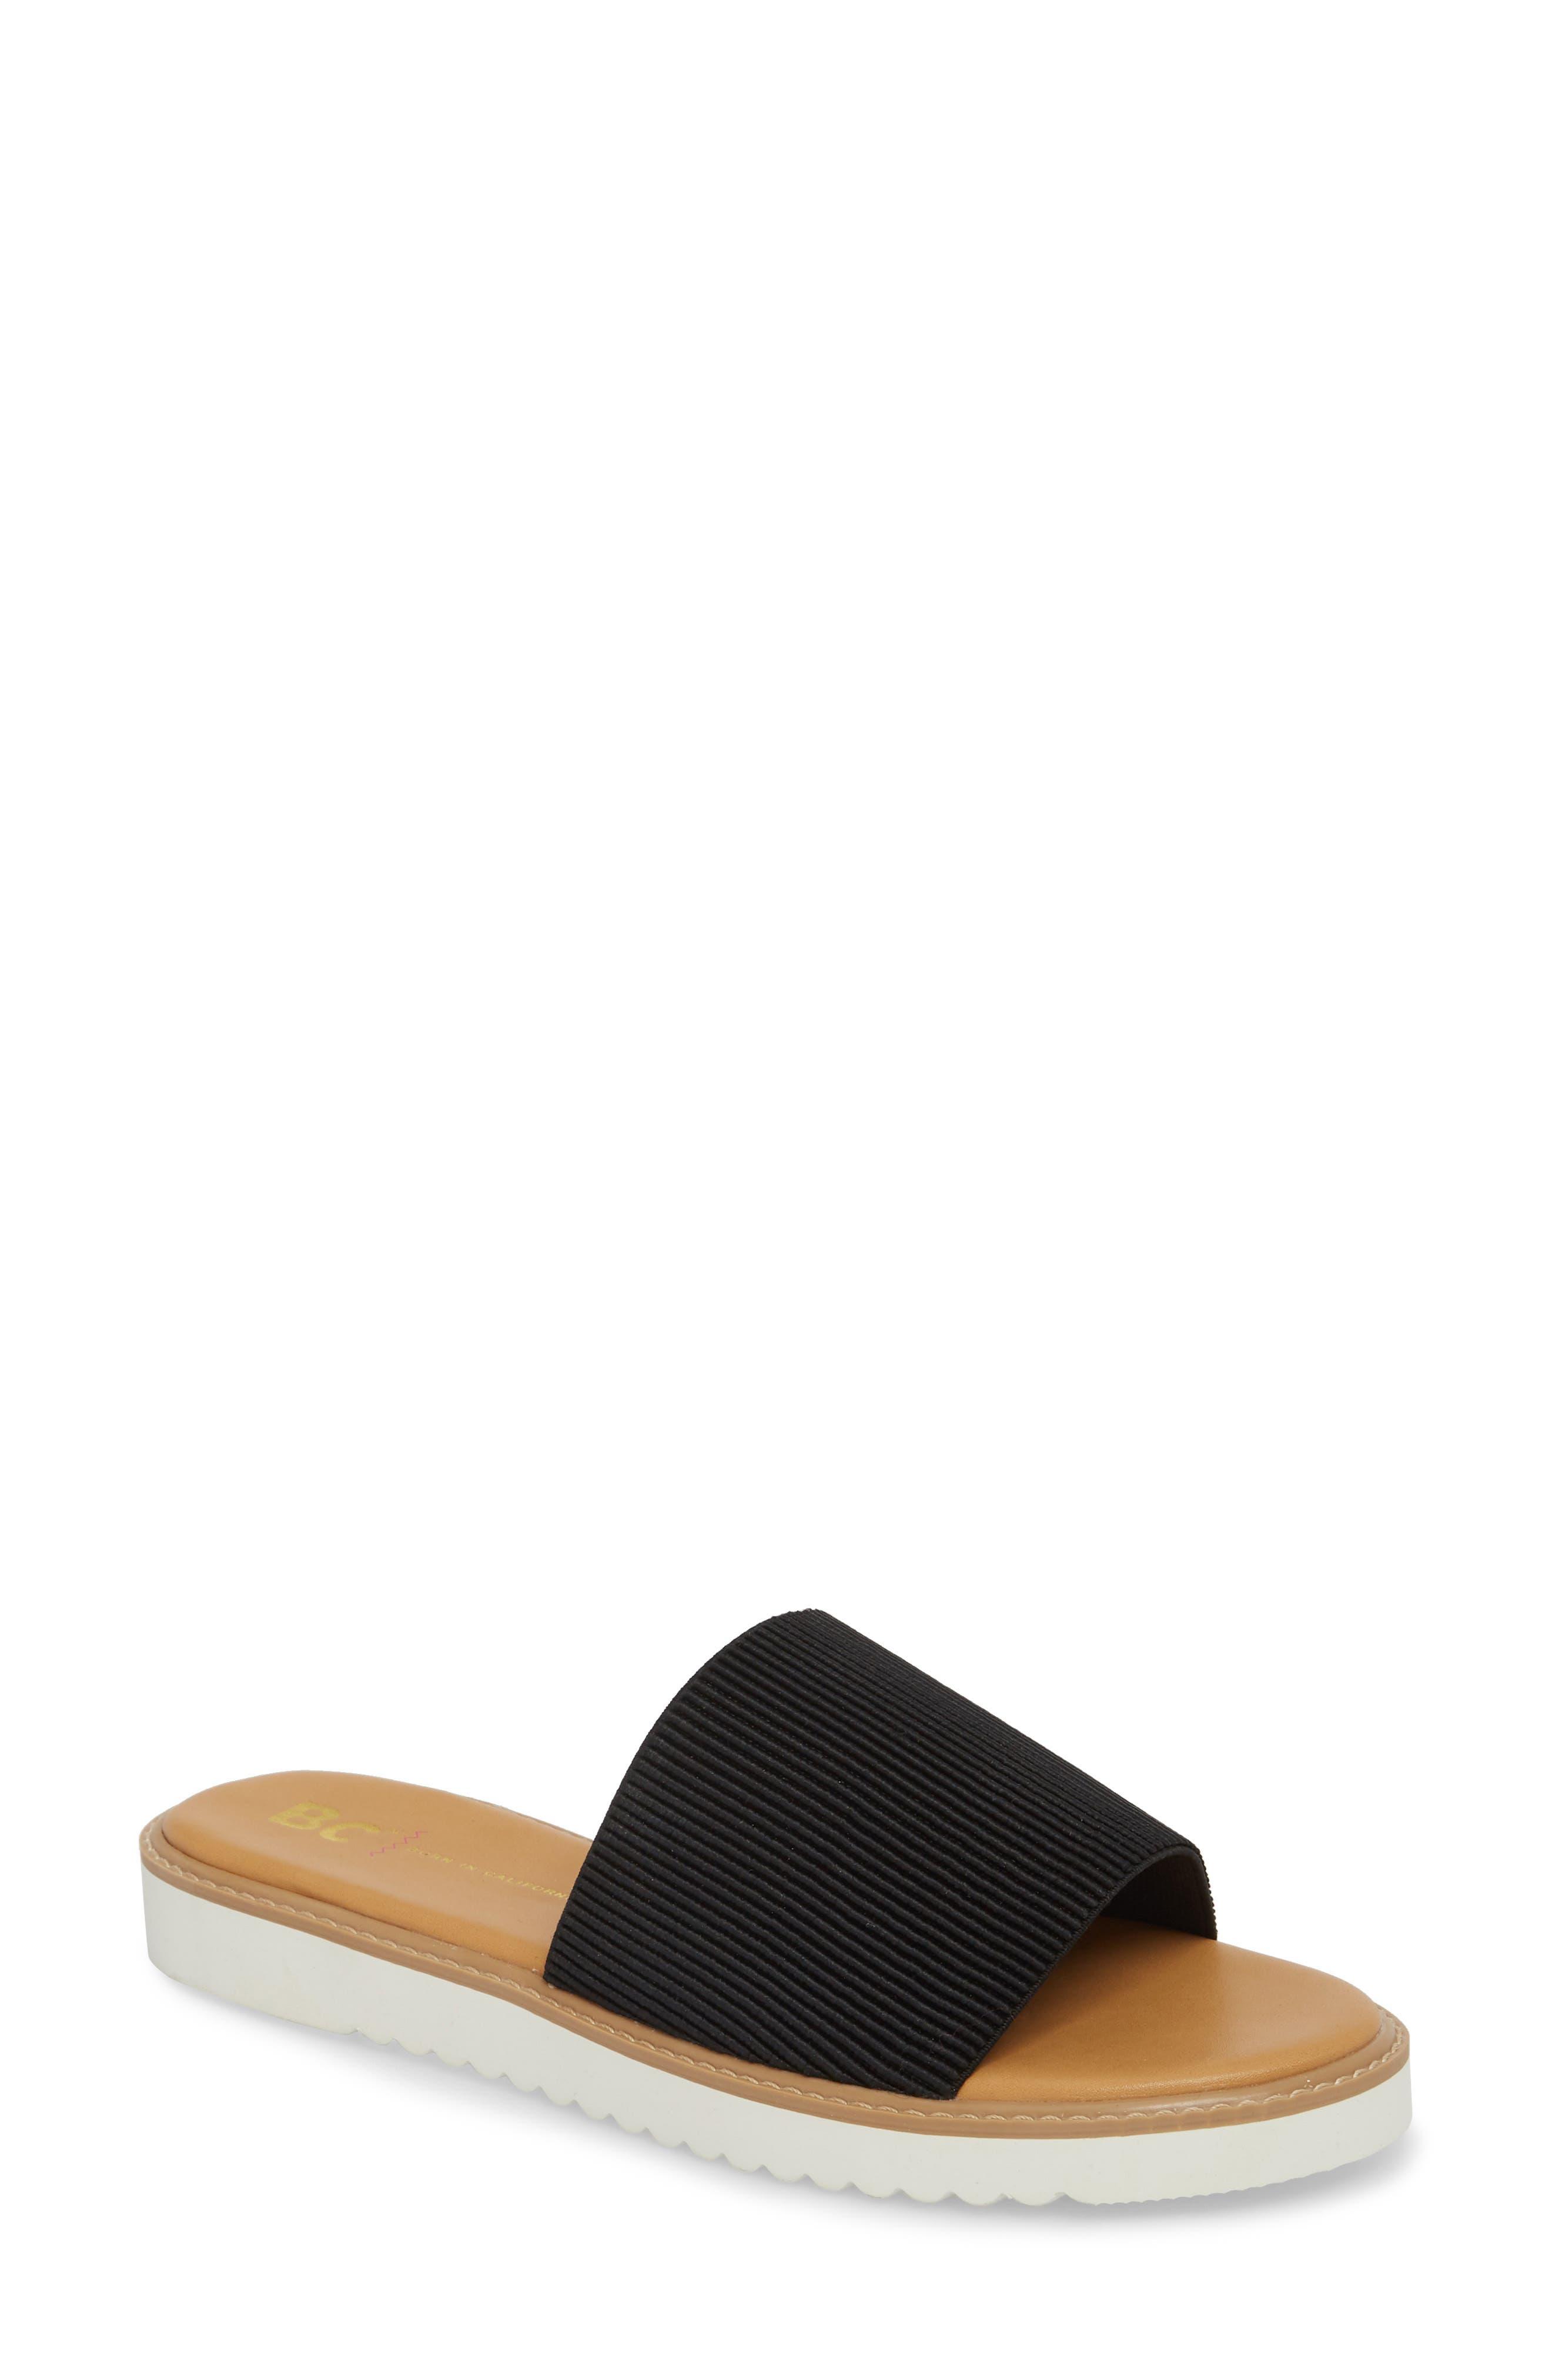 Cotton Candy Slide Sandal,                         Main,                         color, 001